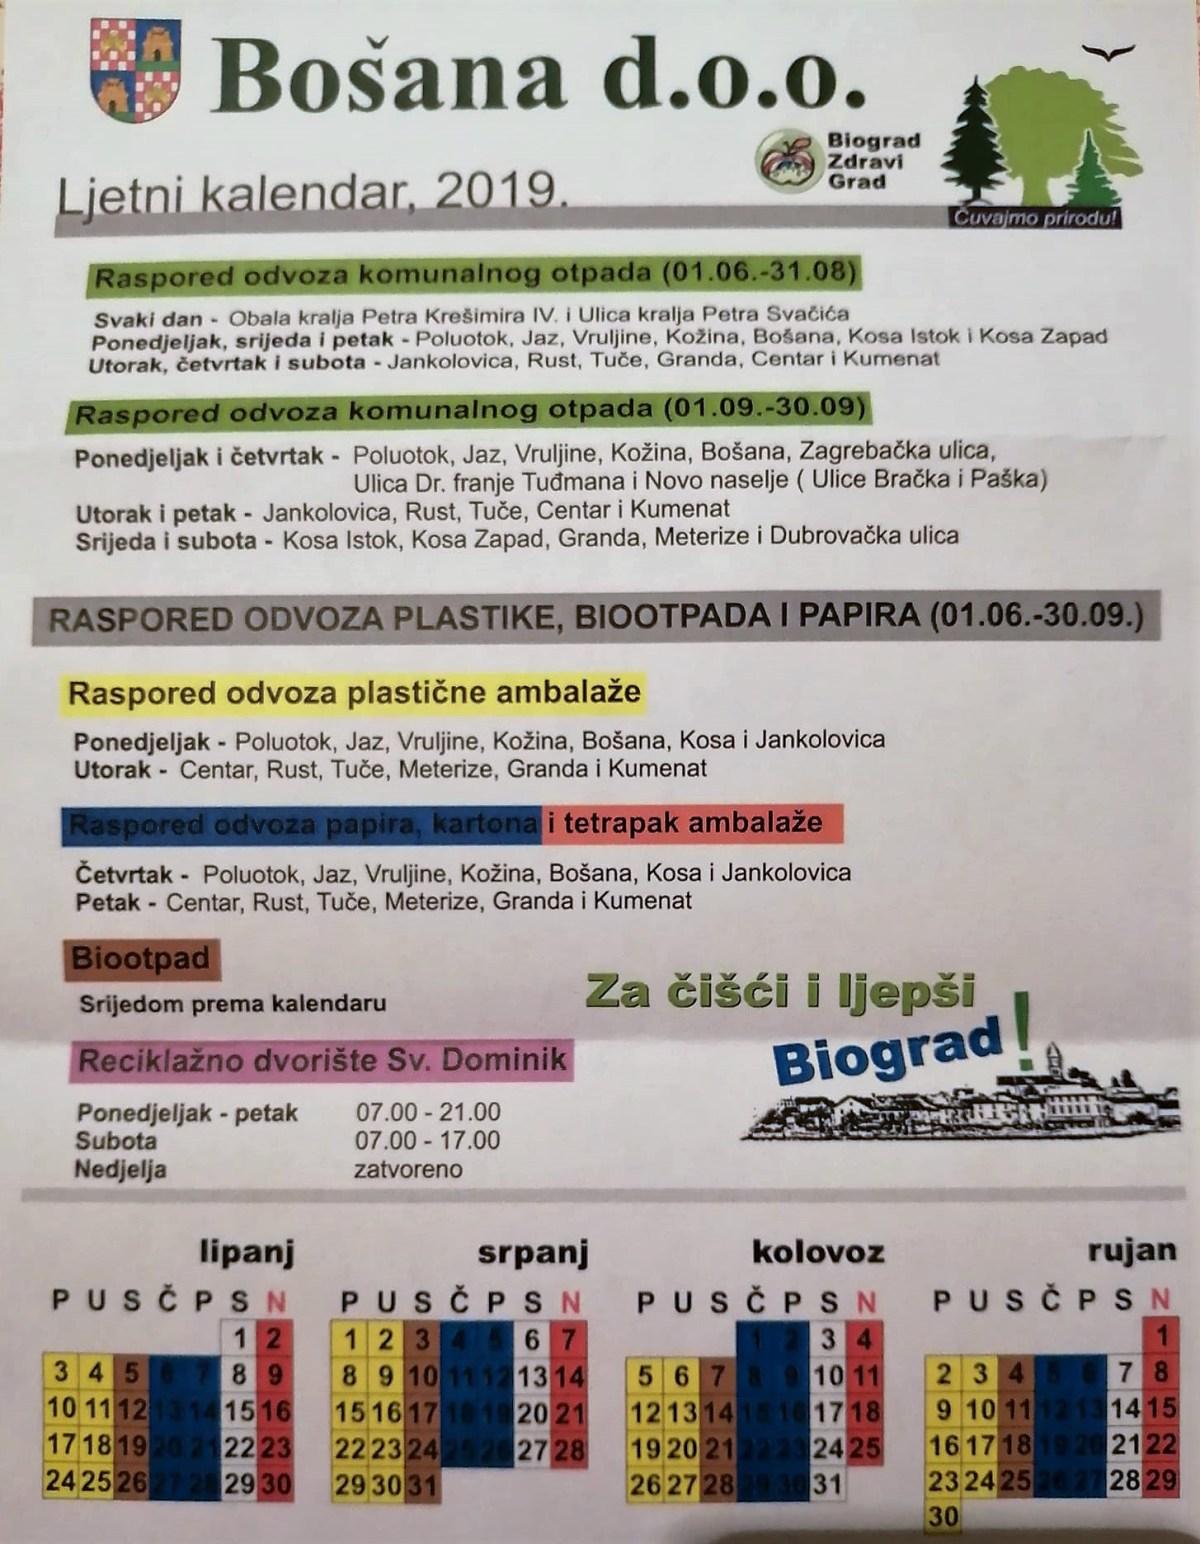 Stanari Ulice dr. Franje Tuđmana u Biogradu zabrinuti, njihova ulica se ne navodi u rasporedu odvoza komunalnog otpada do kraja sezone?!